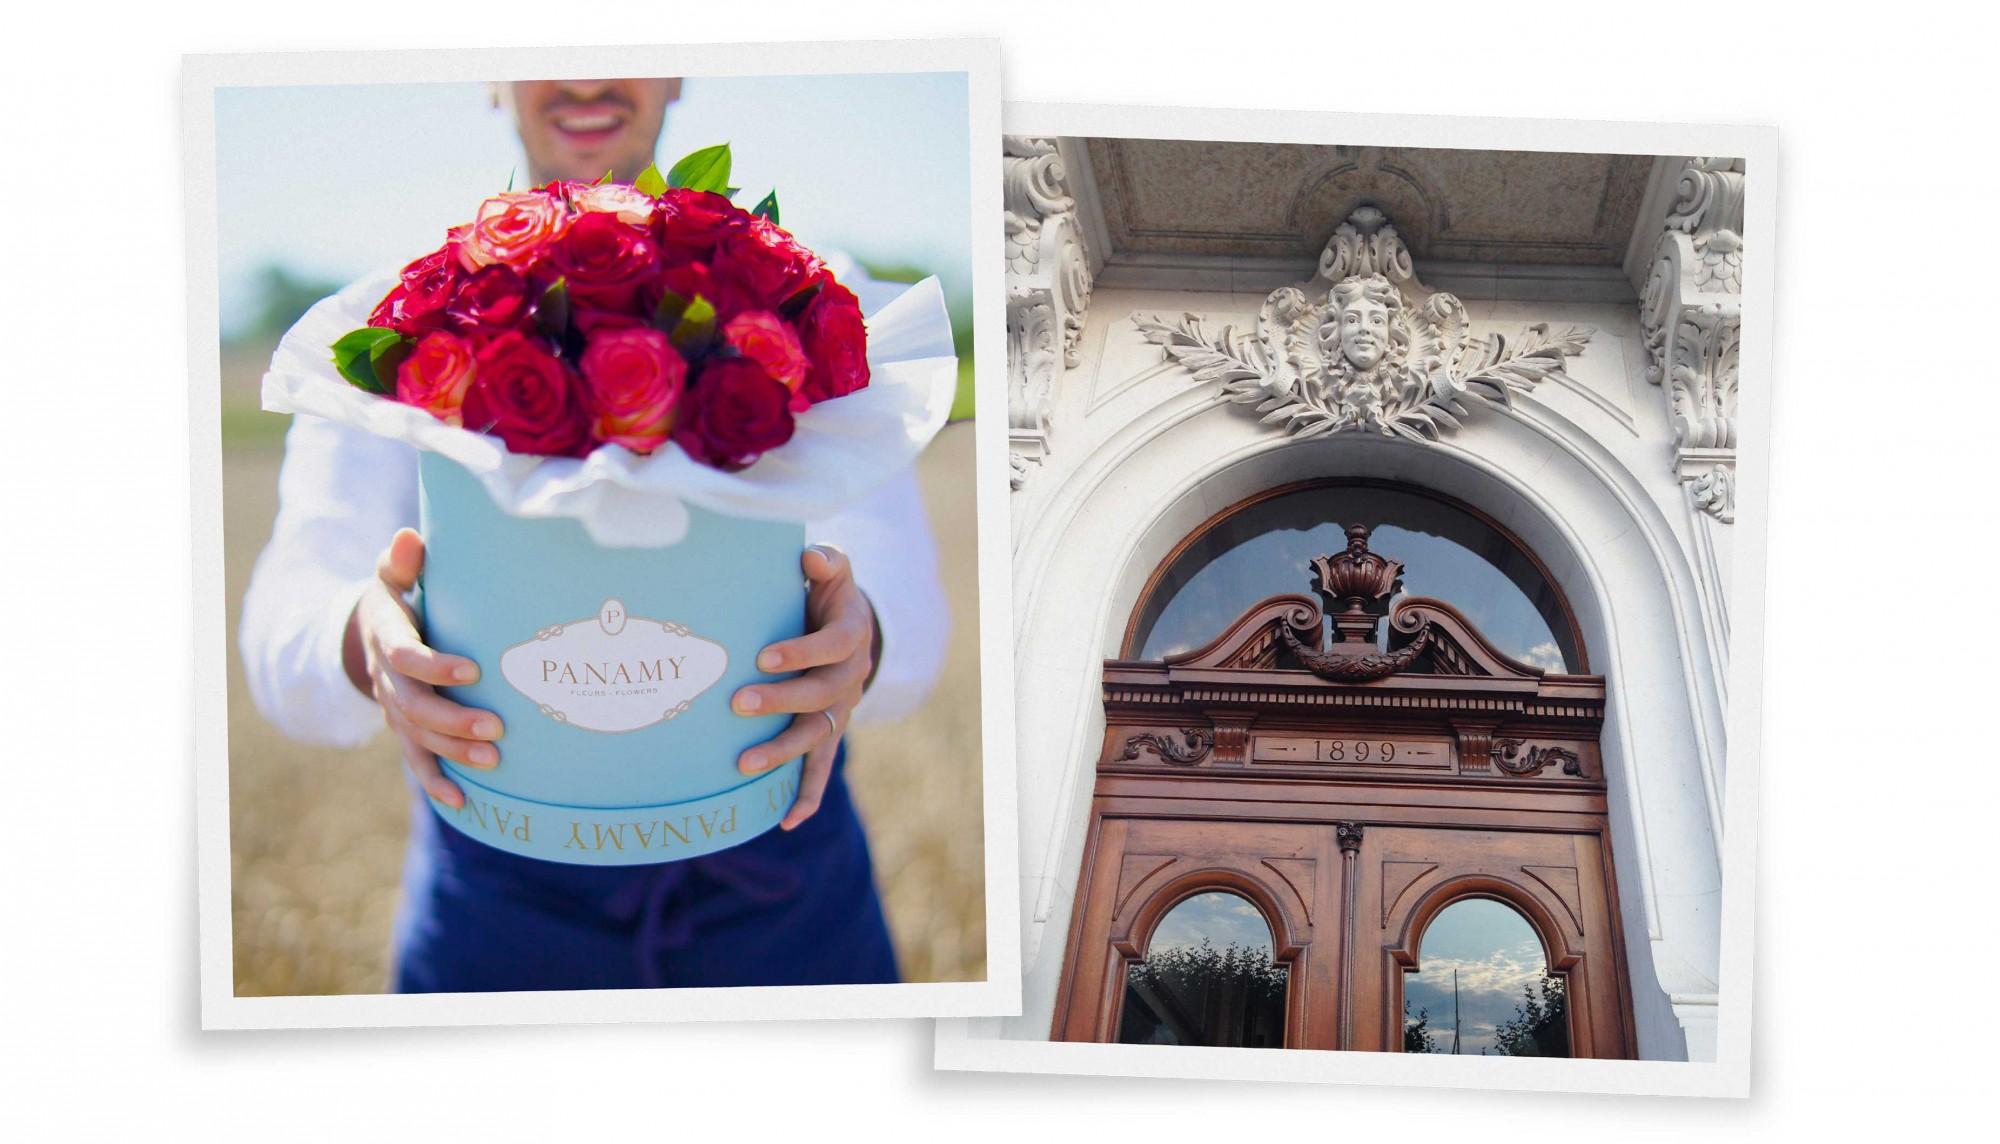 Livraison Personnelle - PANAMY livraison des fleurs en Suisse , Geneve, Lausanne, Montreux, Zürich, Bale